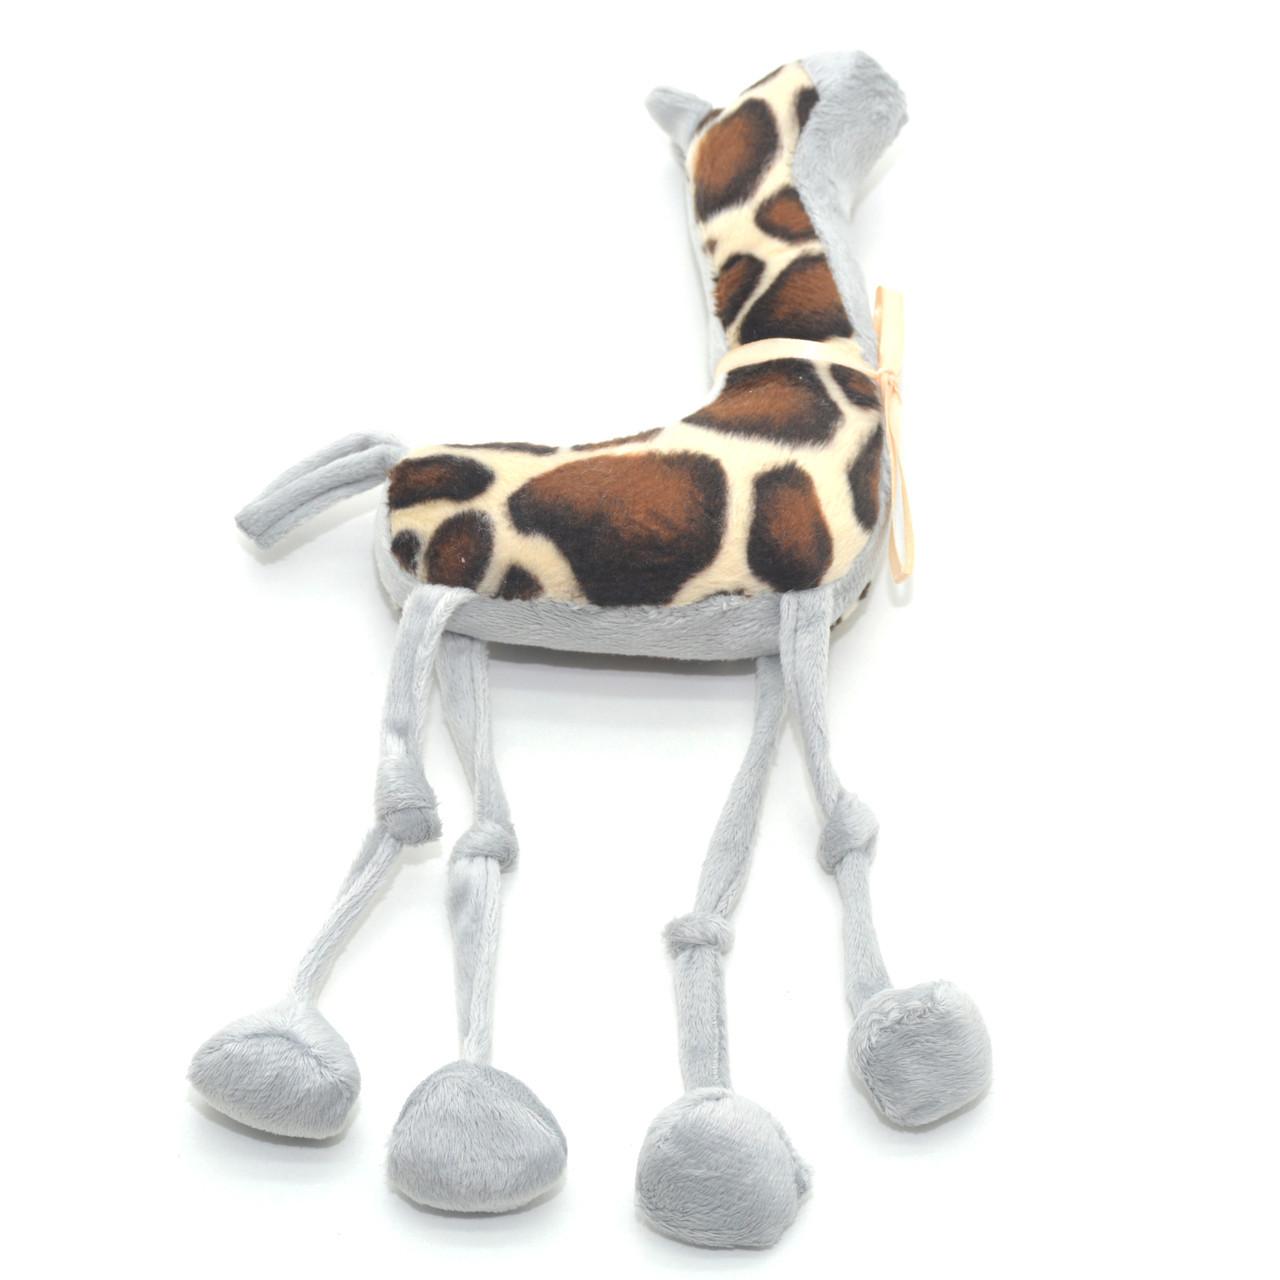 Мягкая игрушка Жираф для собаки серая